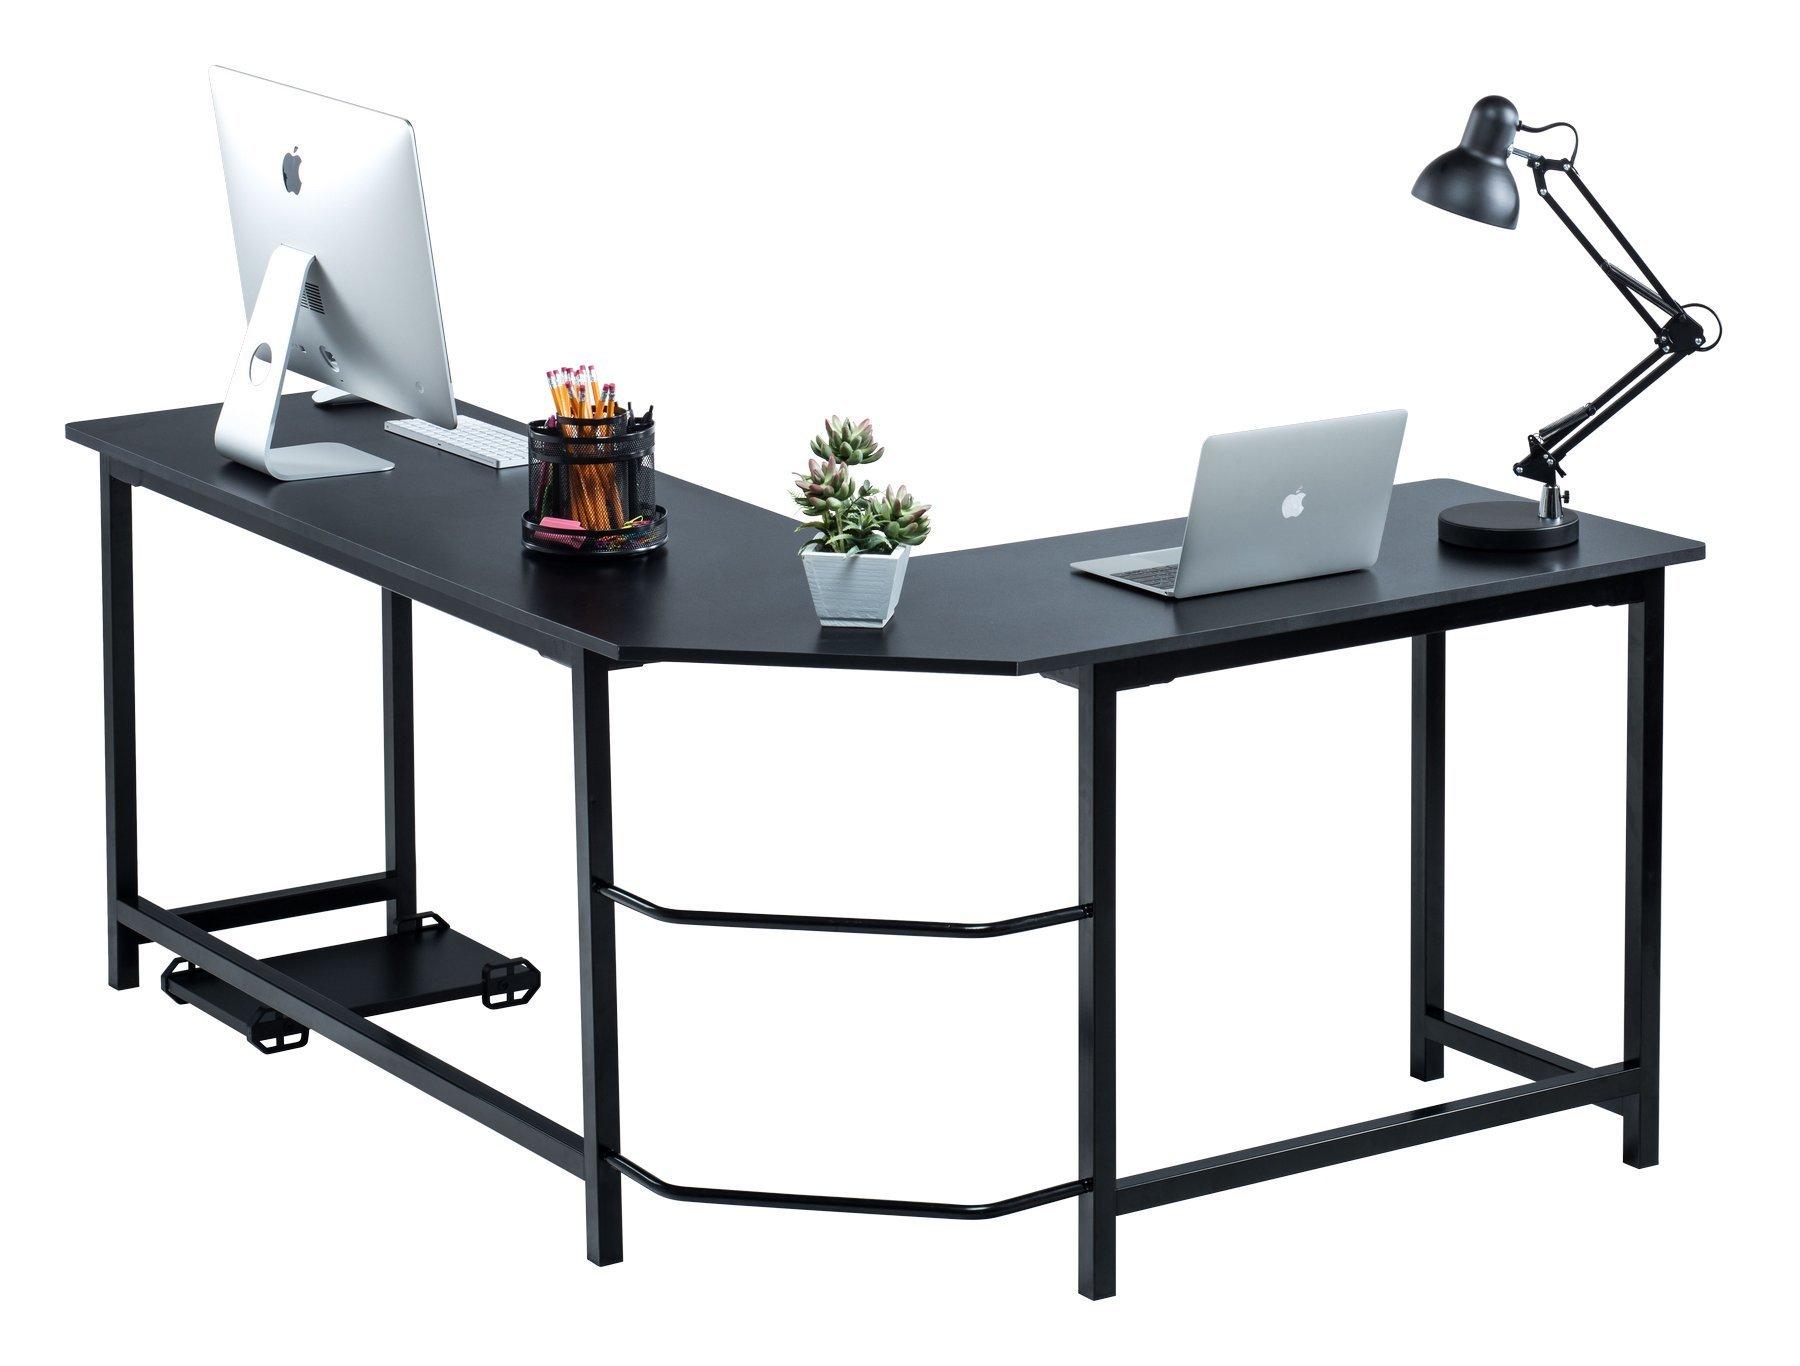 Fineboard Stylish L-Shaped Office Computer Corner Desk Elegant & Modern Design, Black